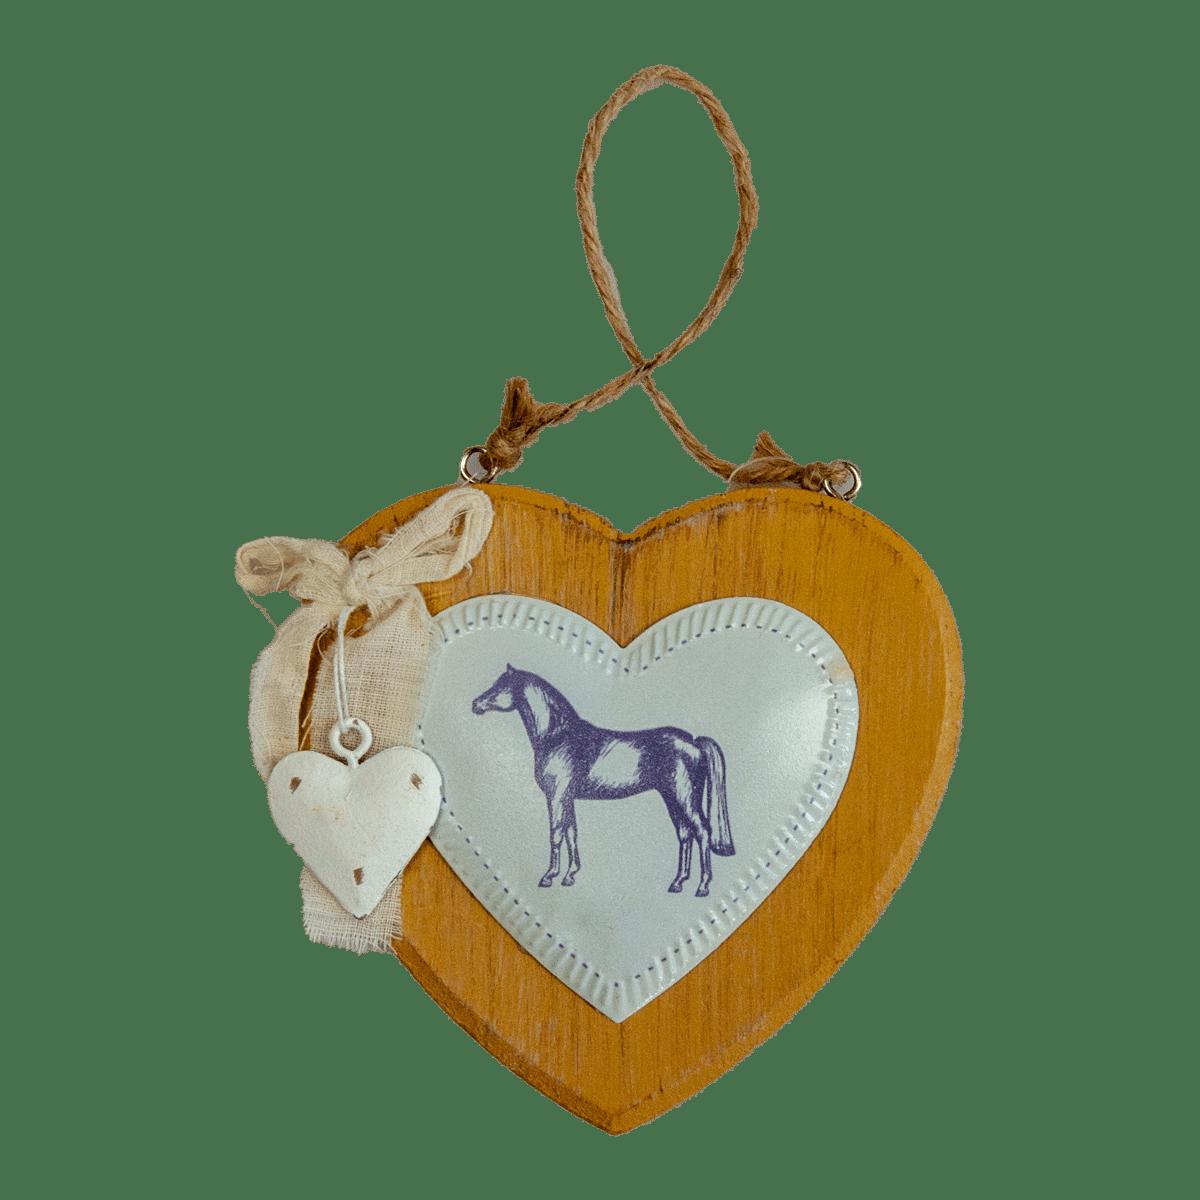 Dekorationshjärta i trä med en häst